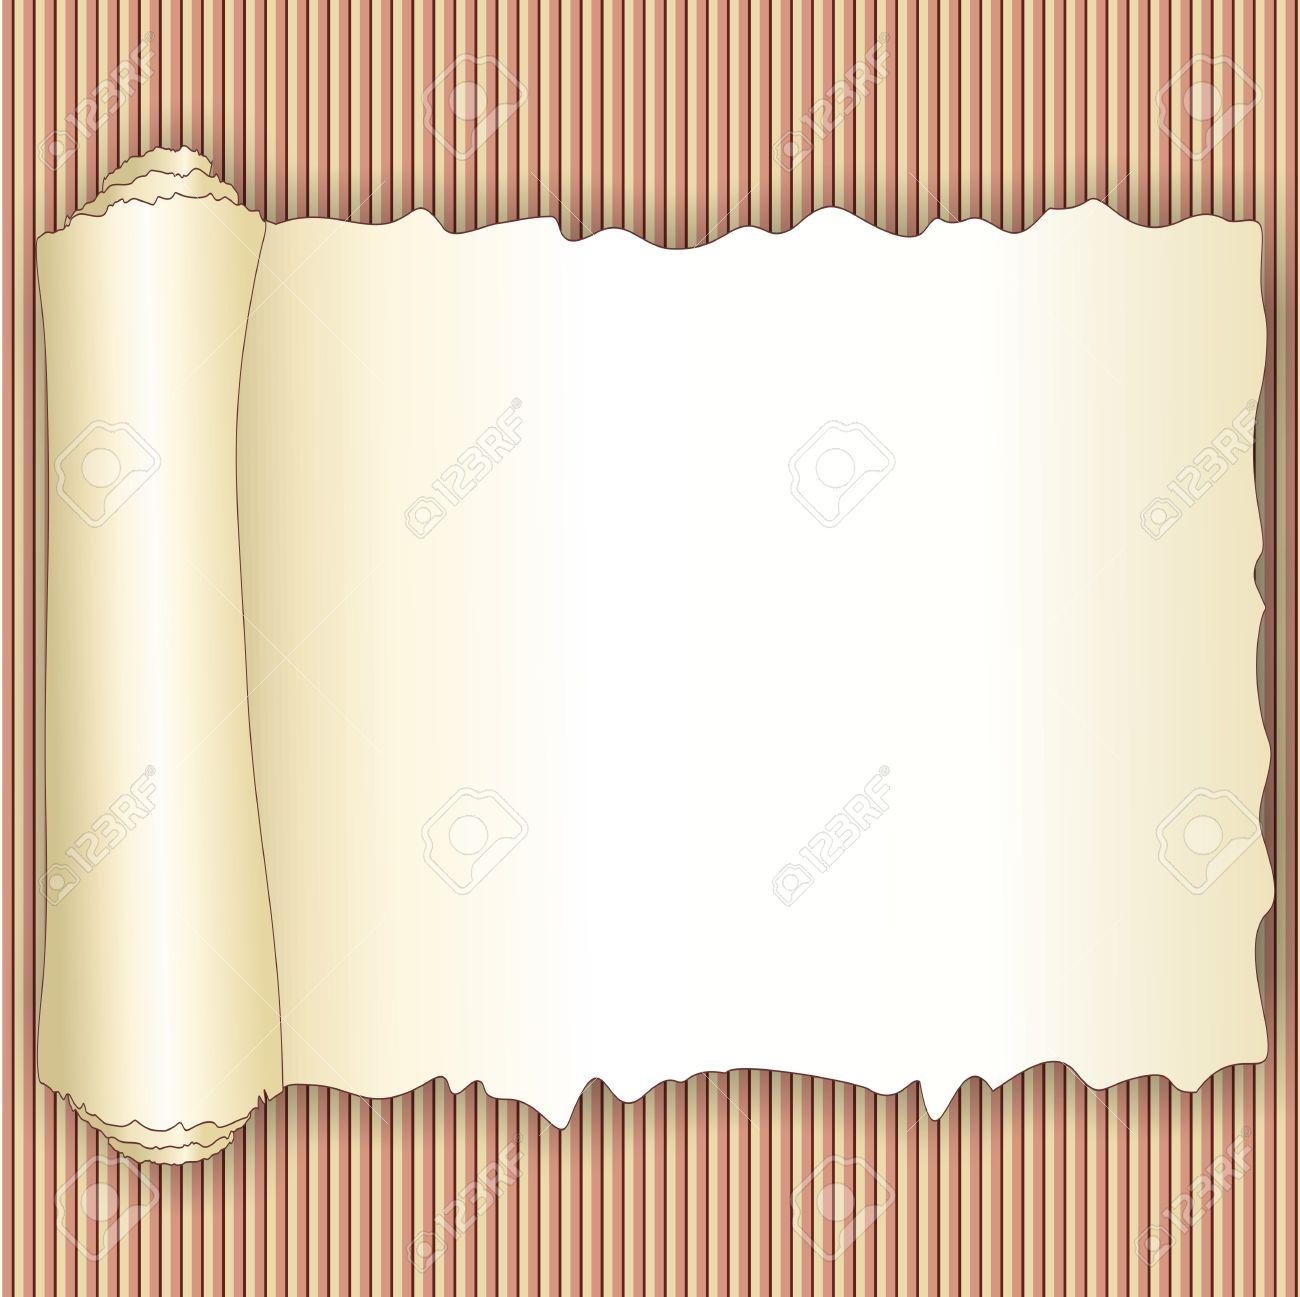 vintage torn paper roll